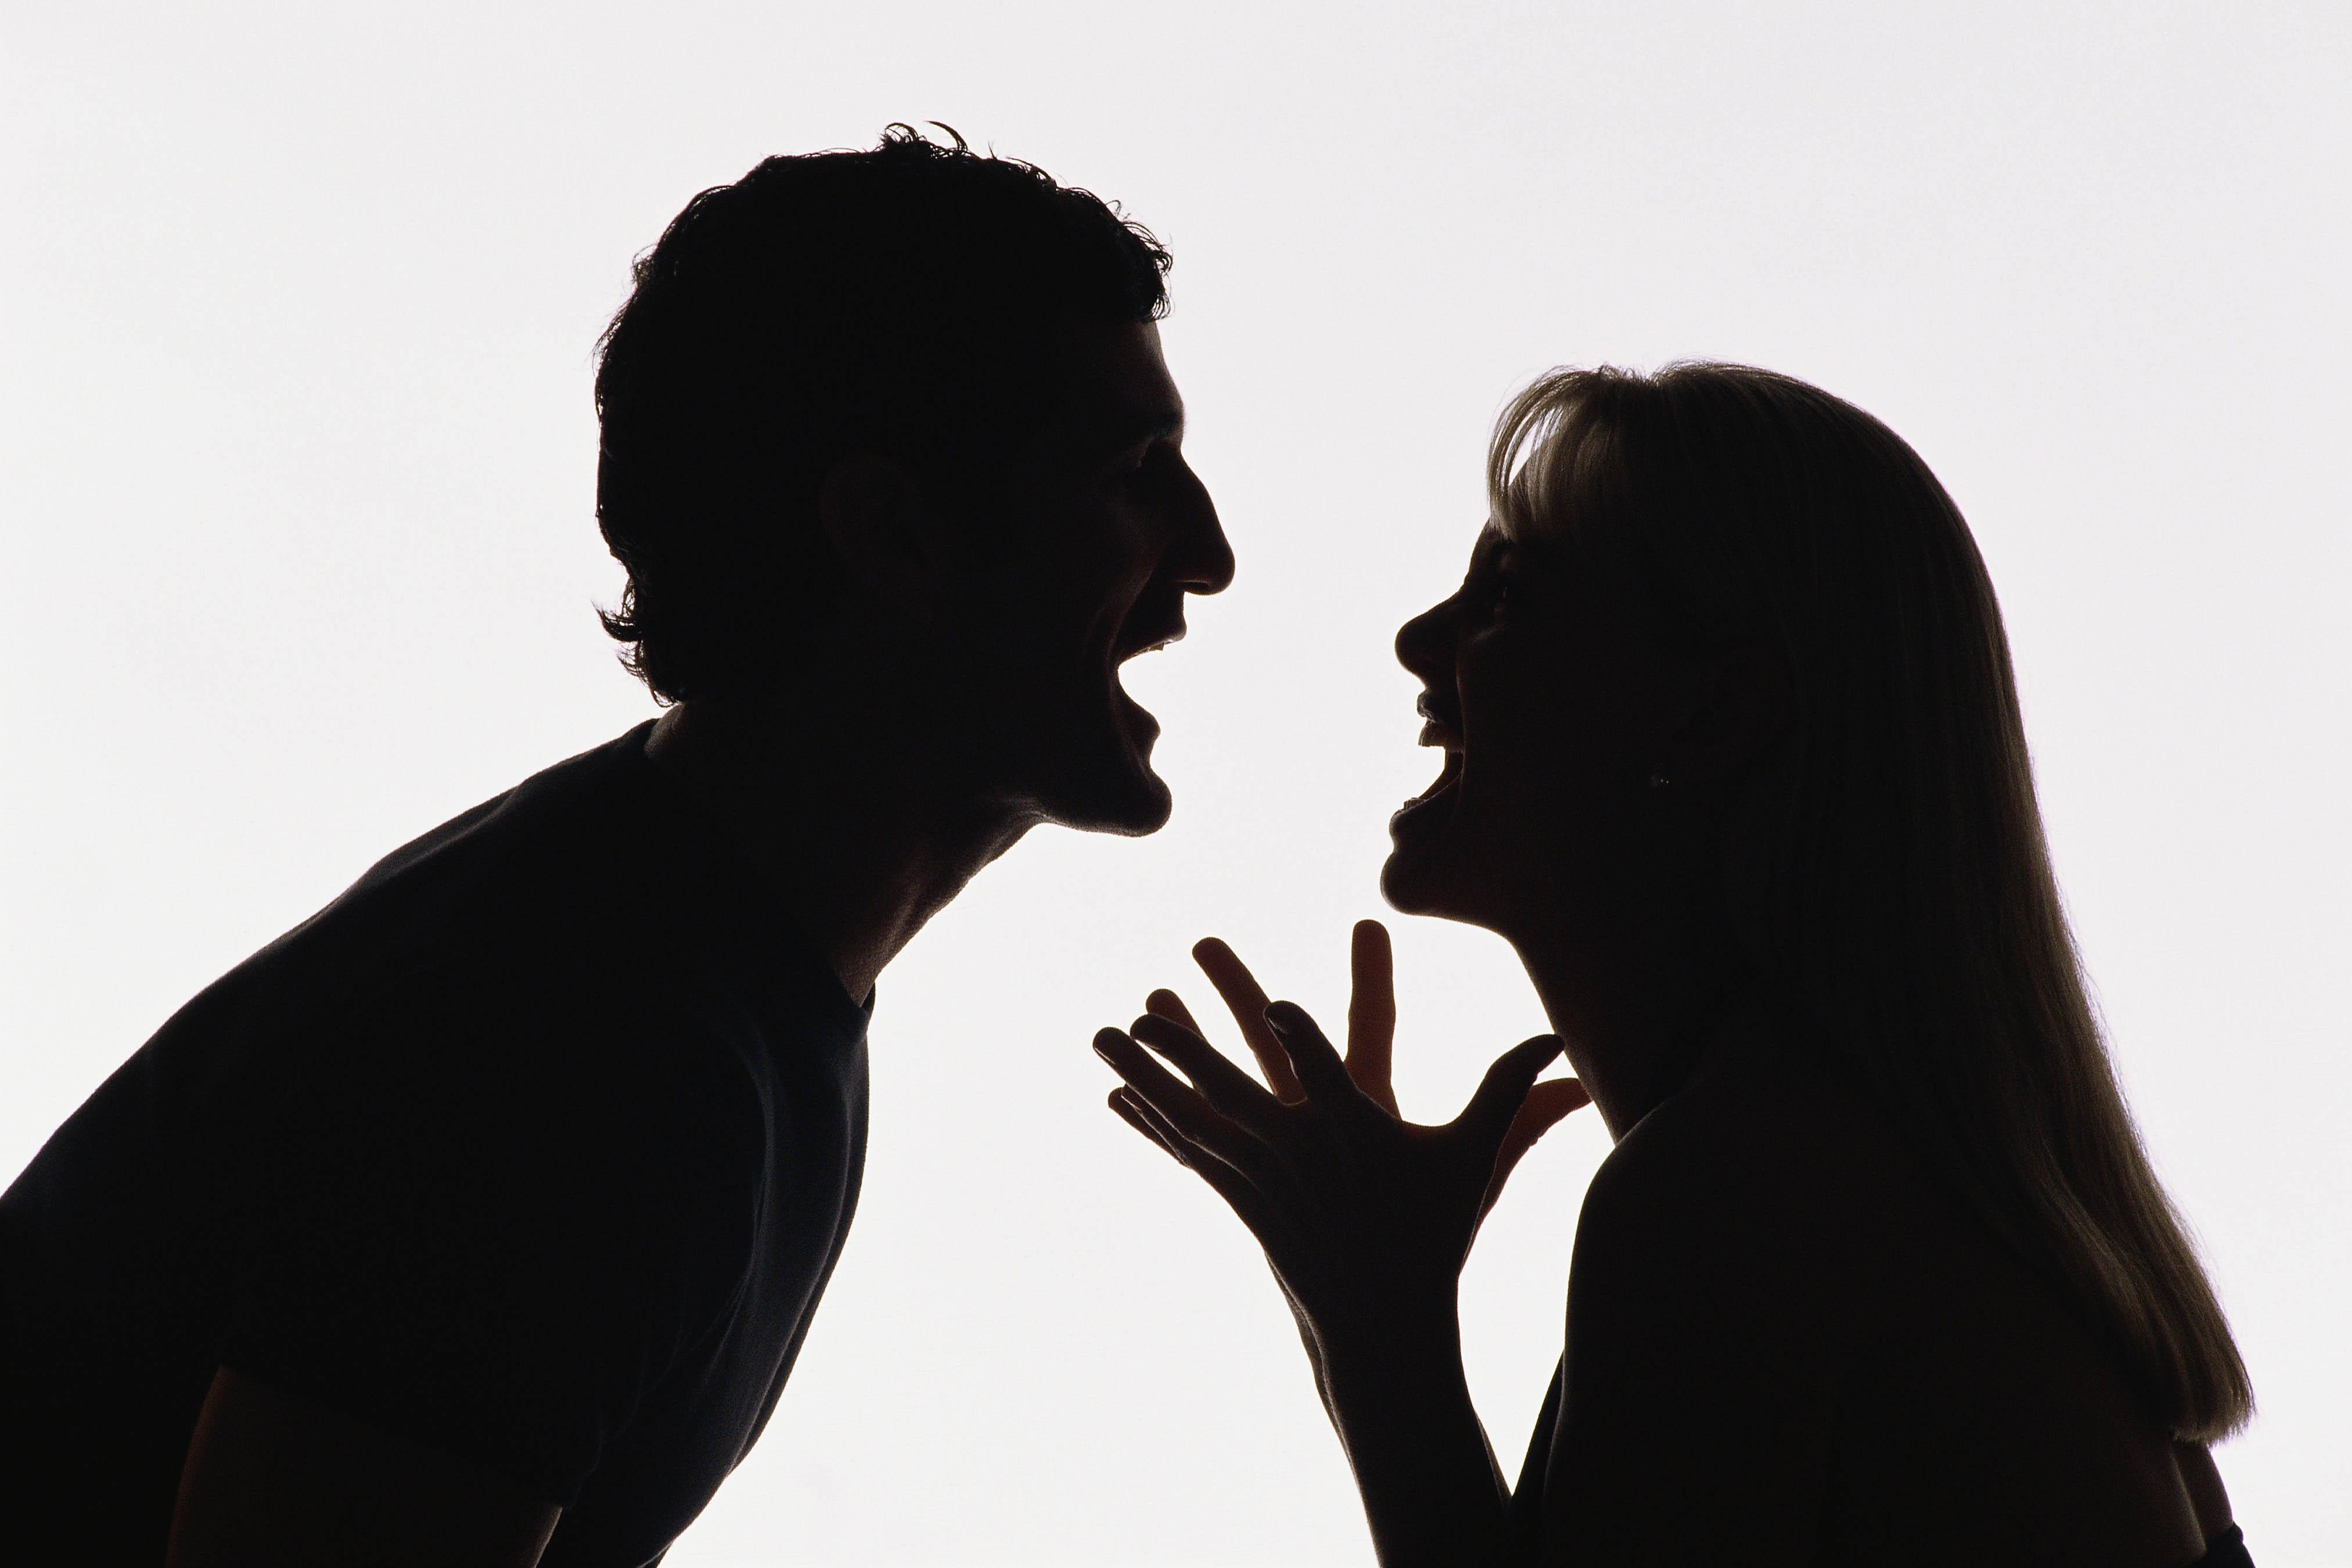 Из-за разрушительных установок у человека искажается восприятие, способность оценивать себя и ситуации, возникают эмоциональные нарушения